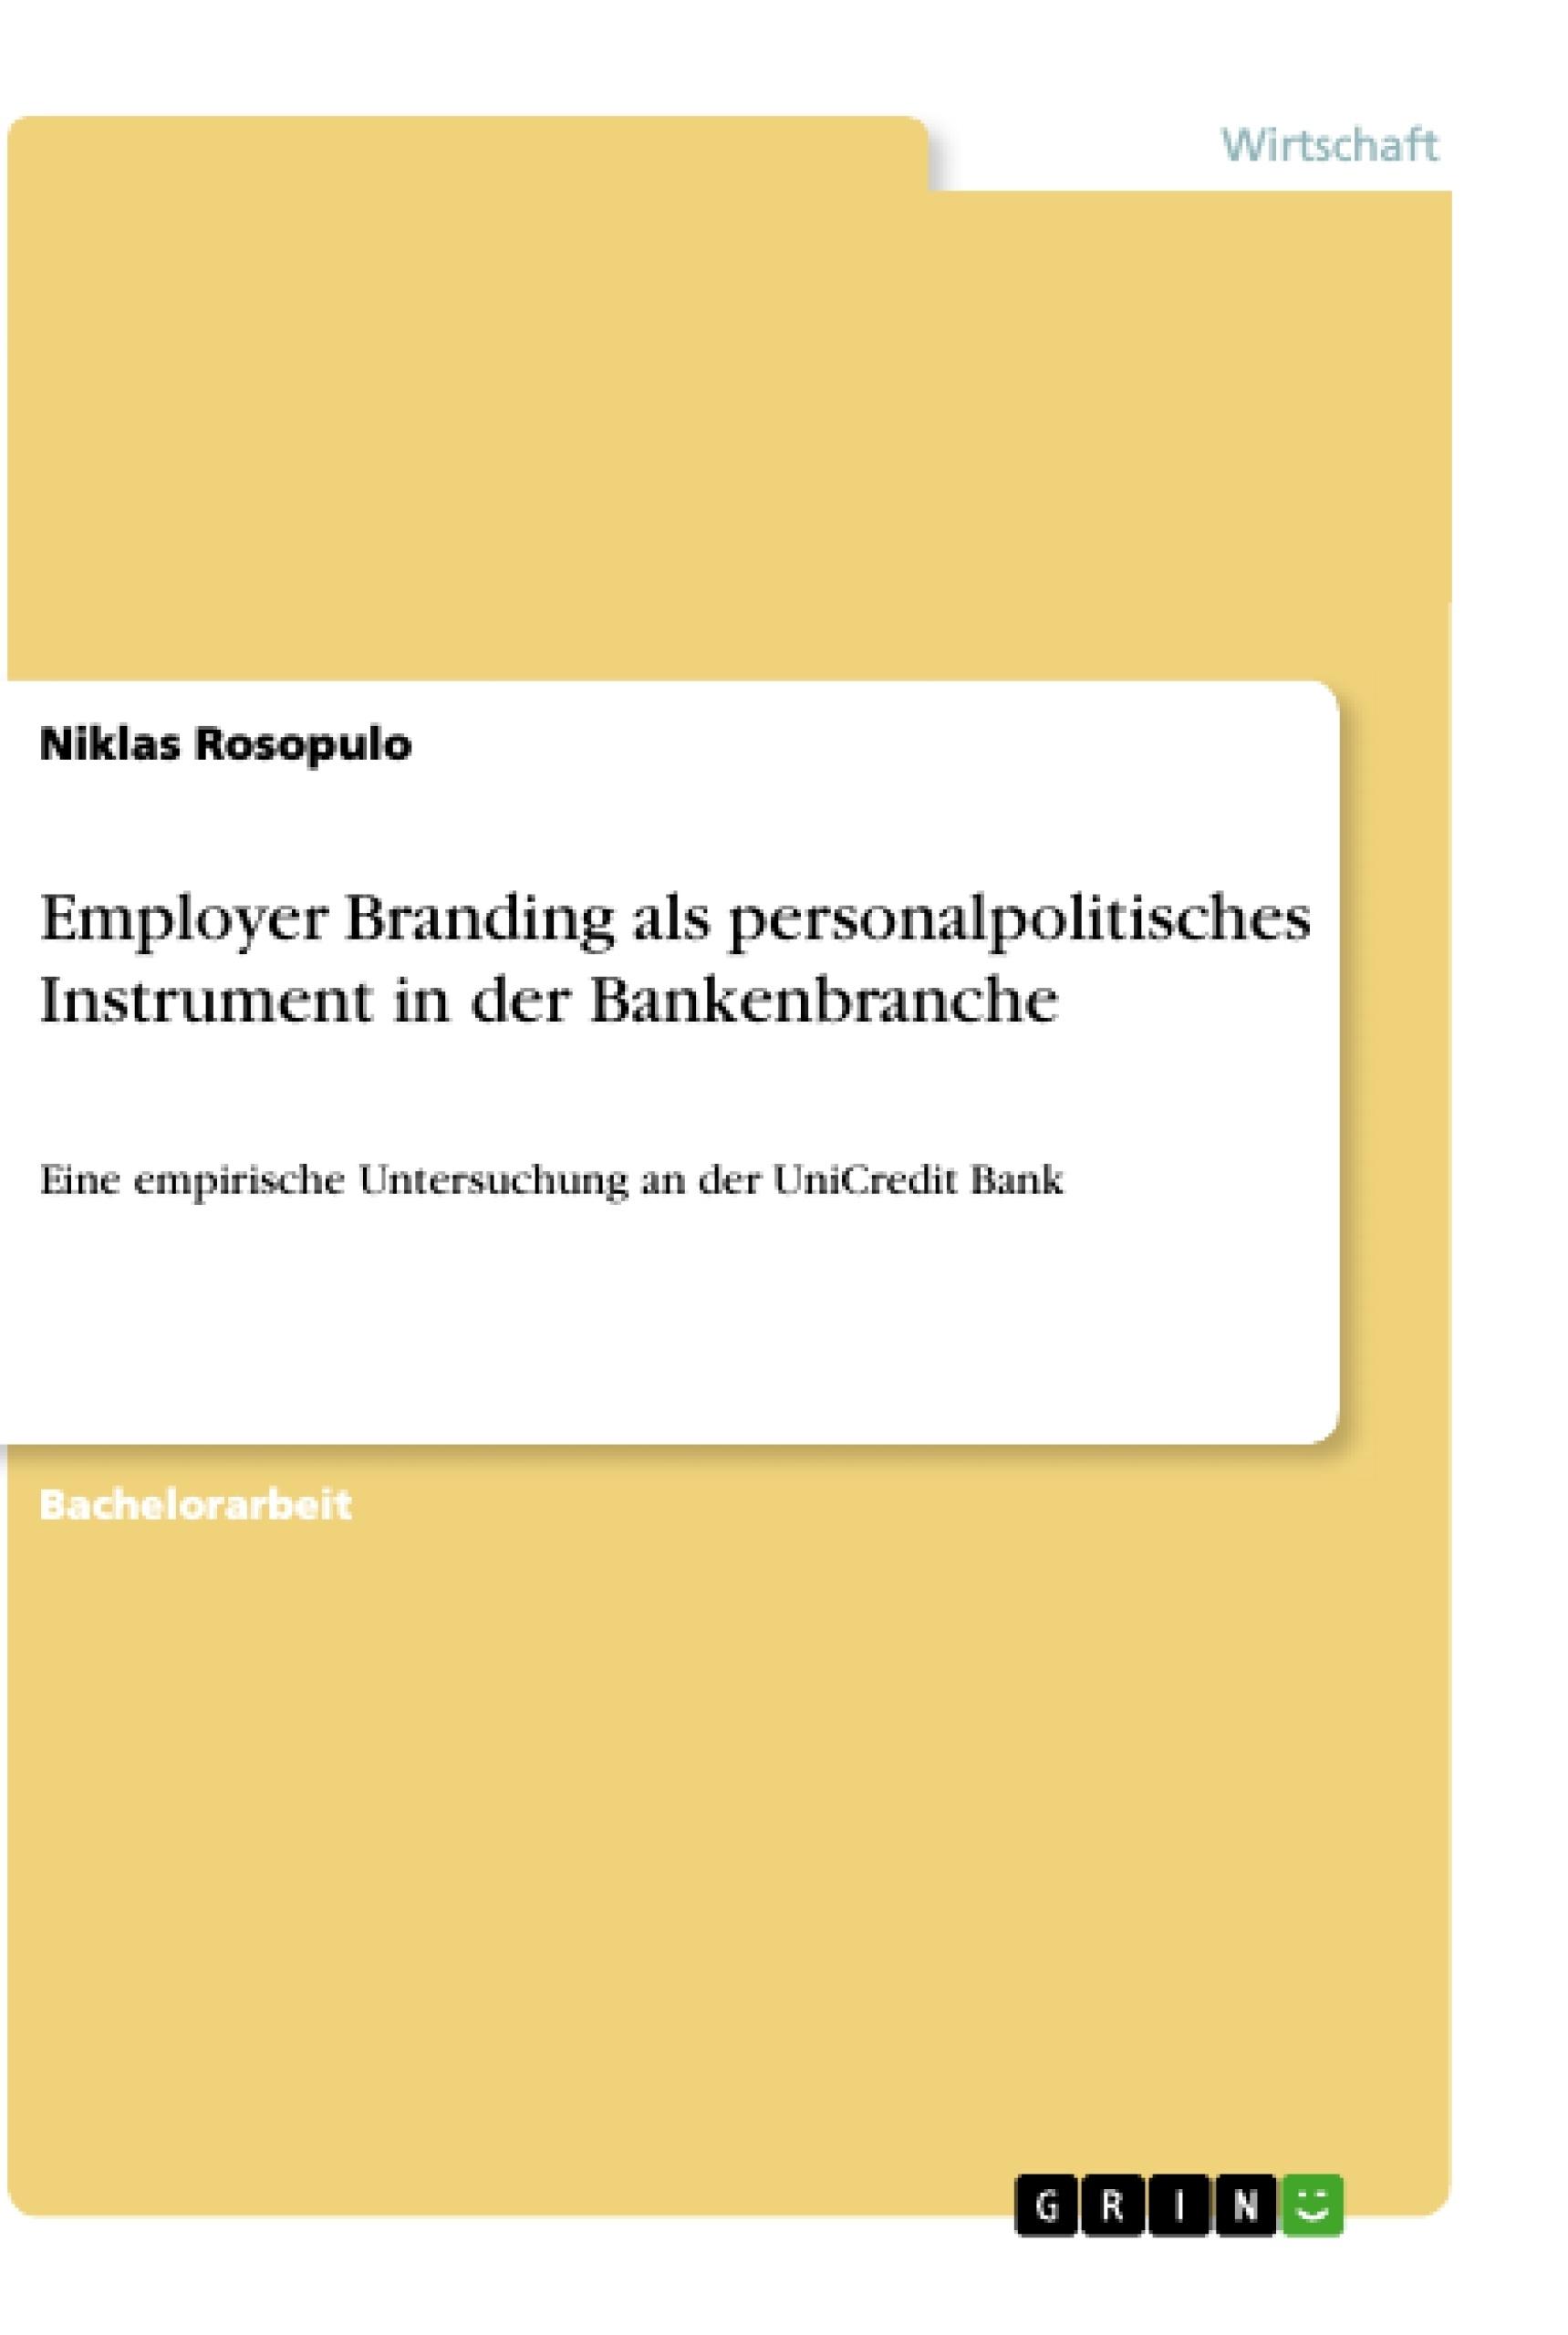 Titel: Employer Branding als personalpolitisches Instrument in der Bankenbranche